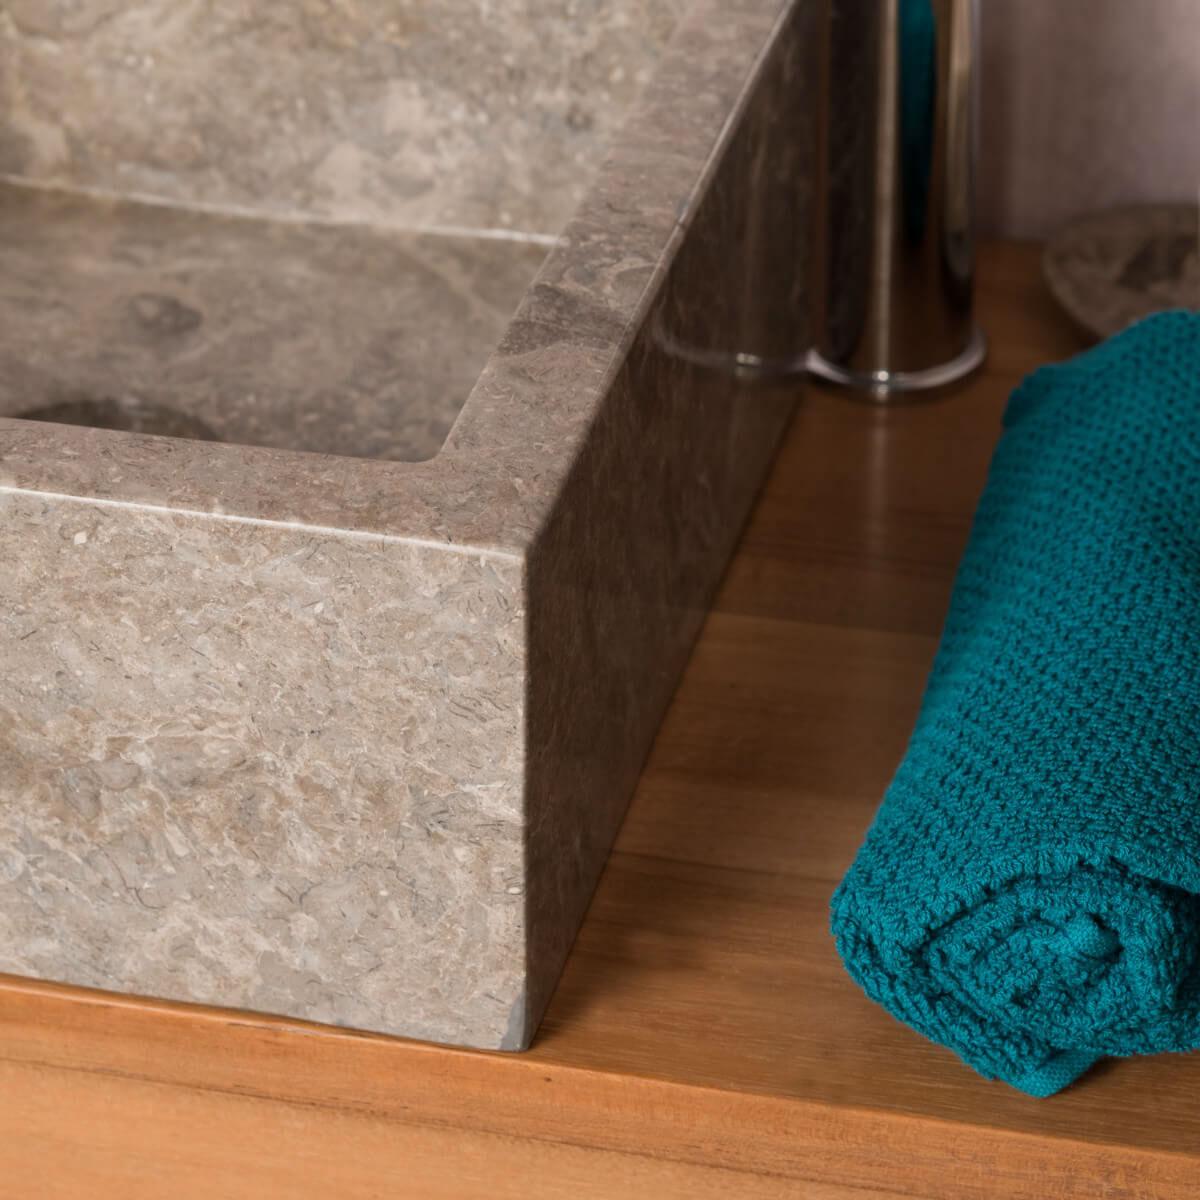 Vasque poser en marbre milan ronde grise taupe d 30cm for Salle de bain taupe et gris